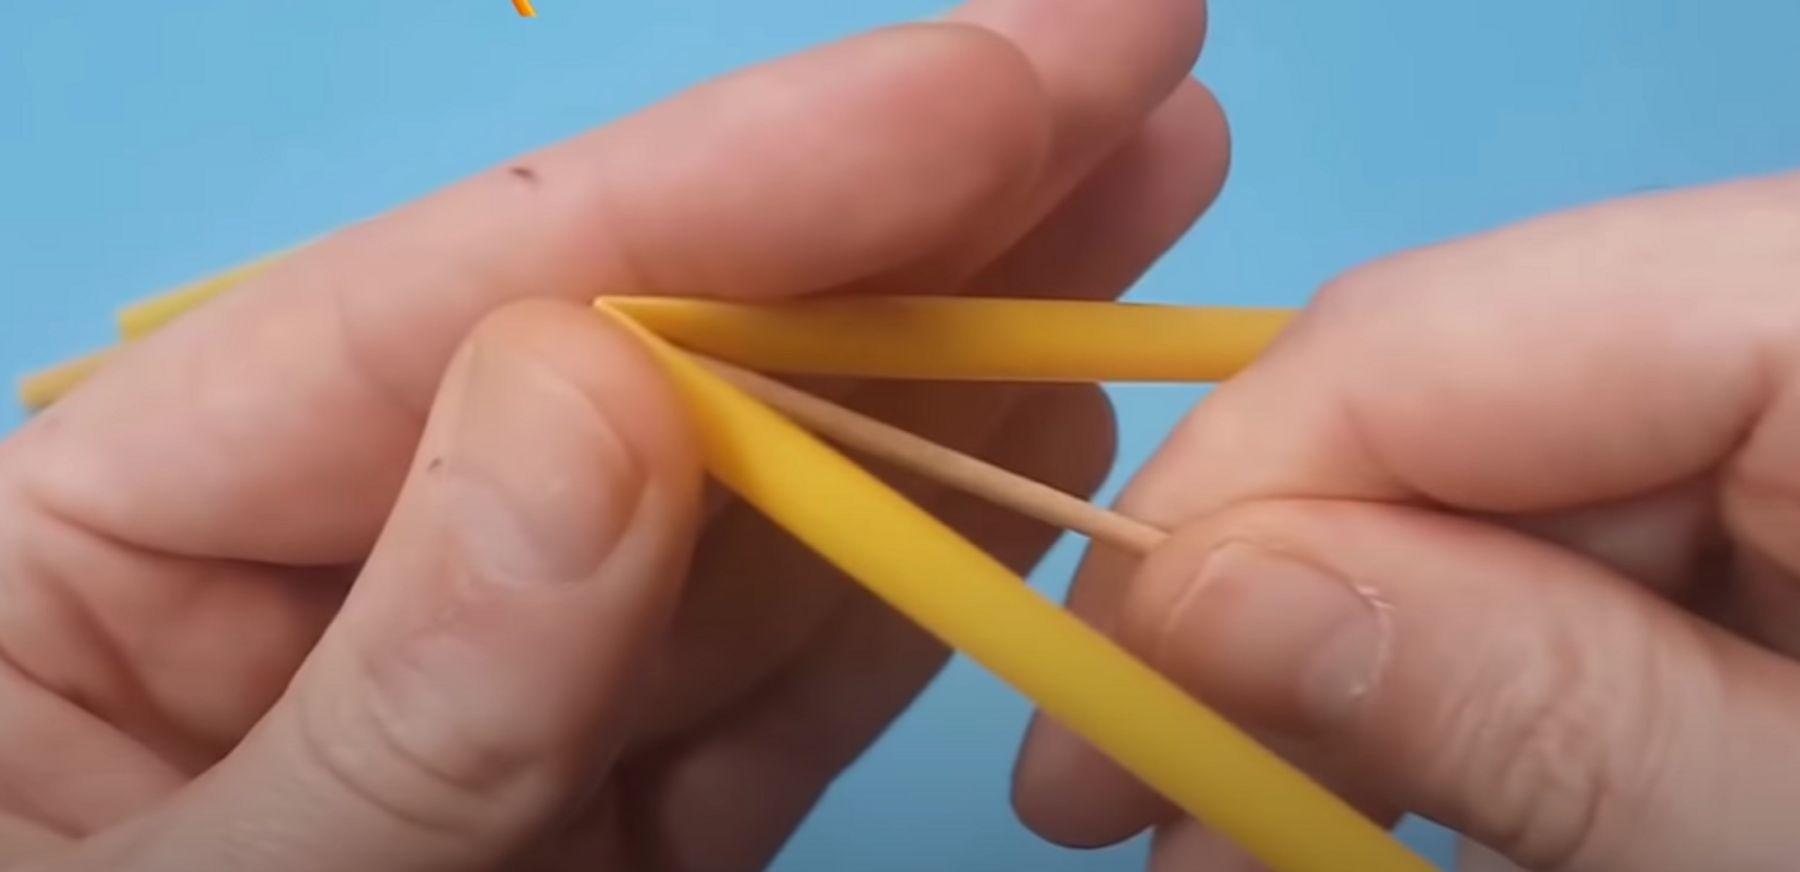 Step 3: Dùng tăm đã được gắn với sợi dây xỏ xuyên qua giữa lằn ống hút bị gập